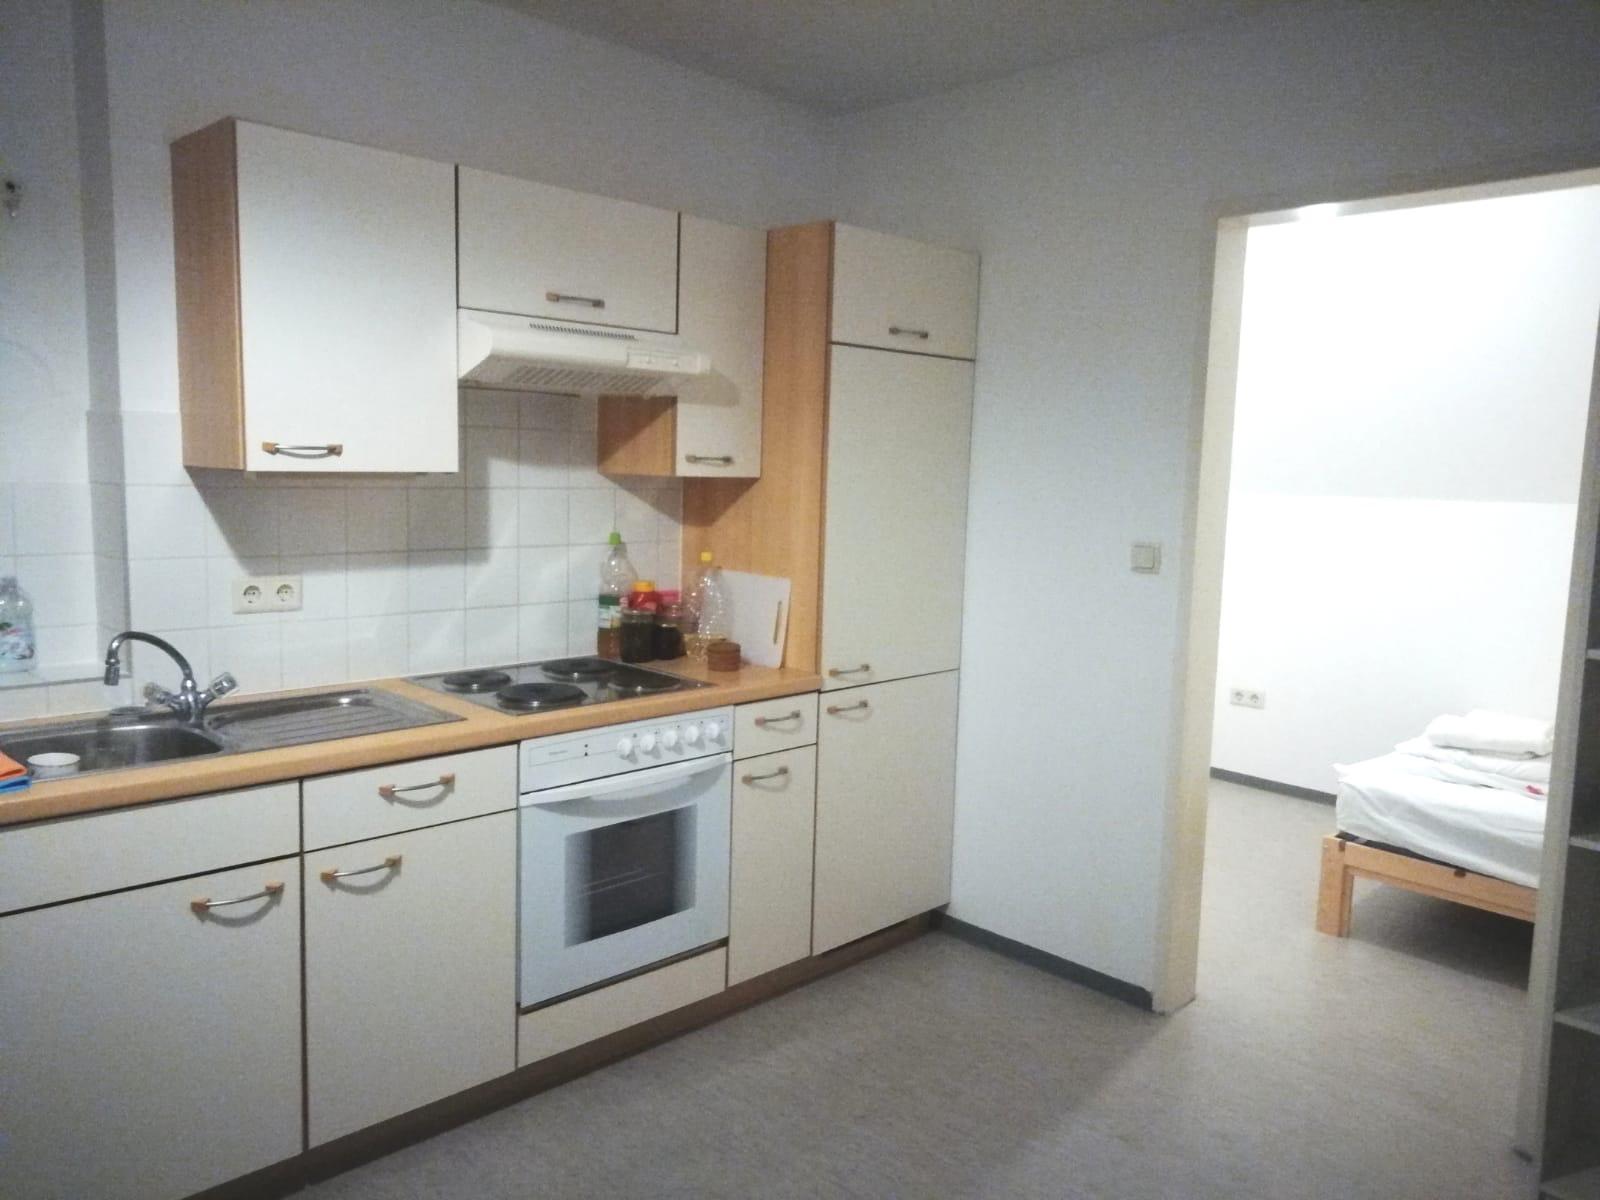 Graz - Mietwohnung in unmittelbarer Uni-Nähe